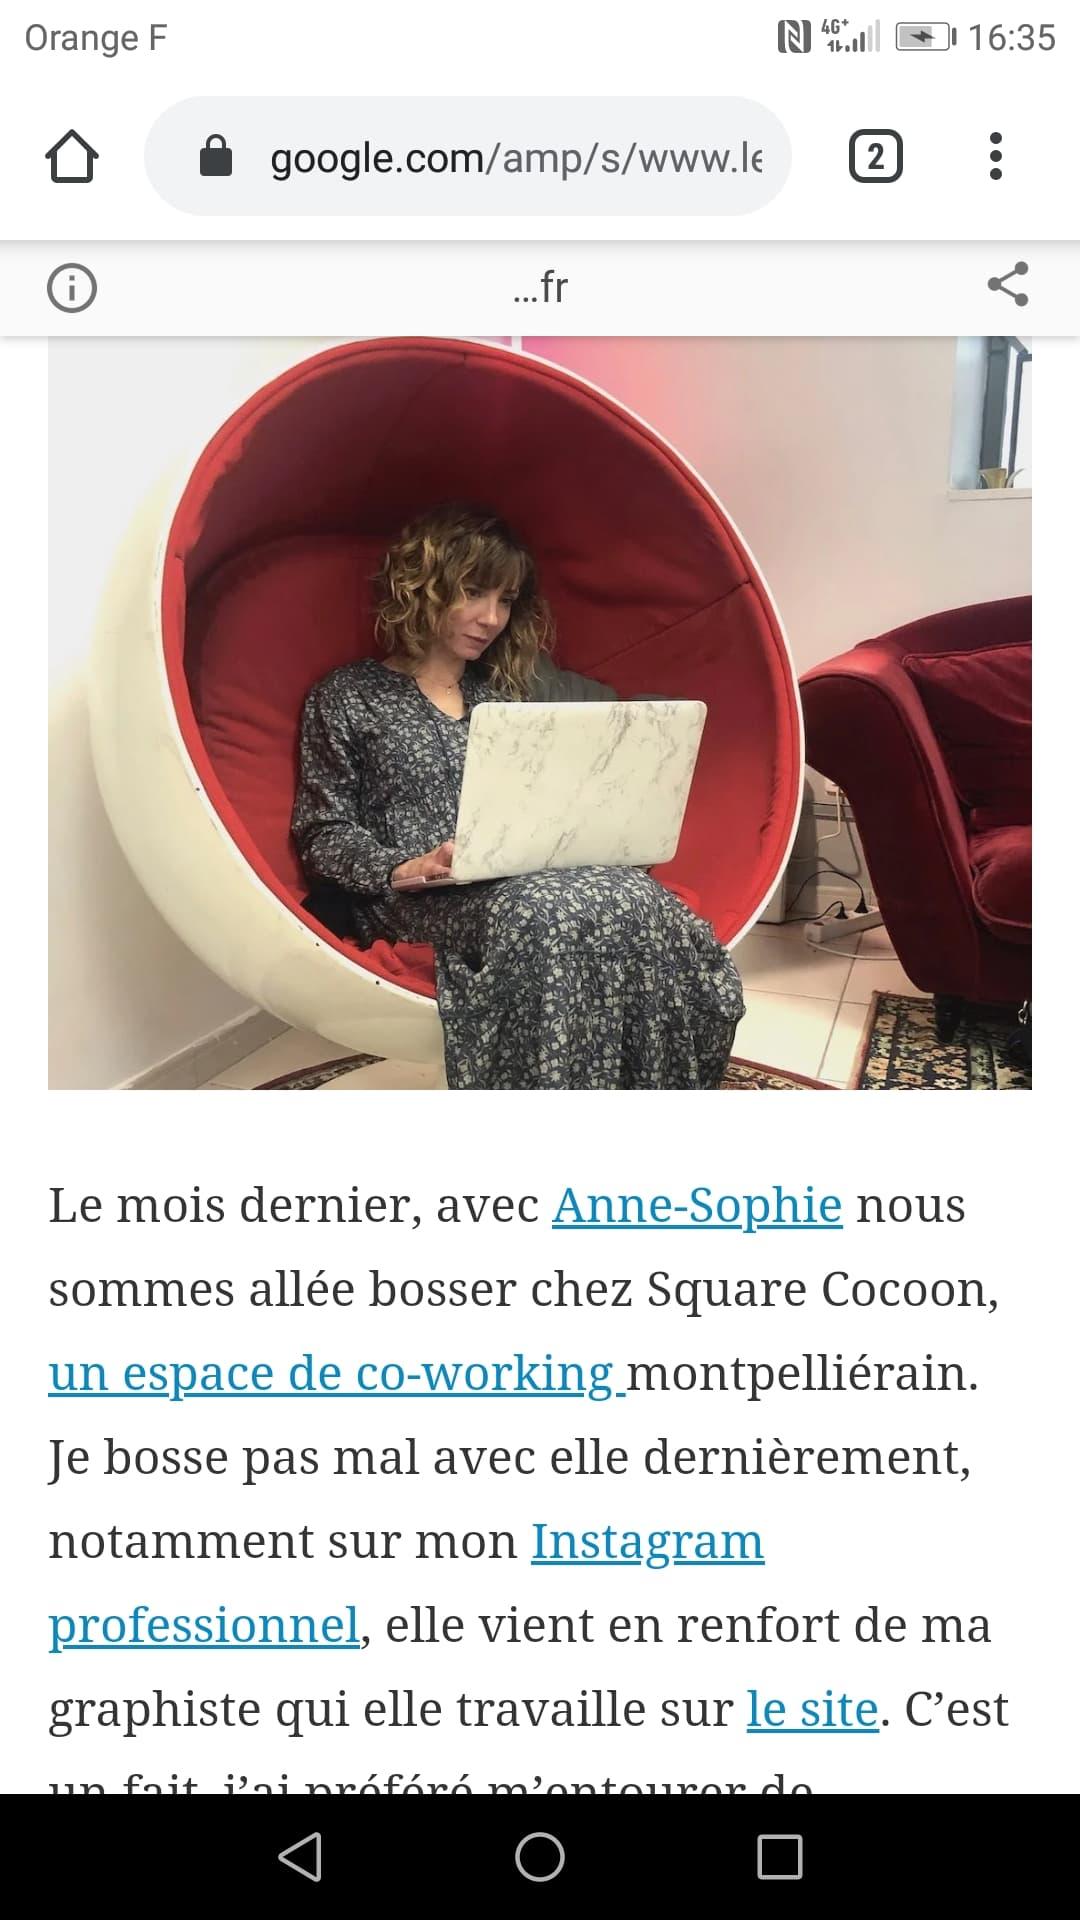 les-chroniques-de-myrtille.fr/square-cocoon-espace-de-co-working/